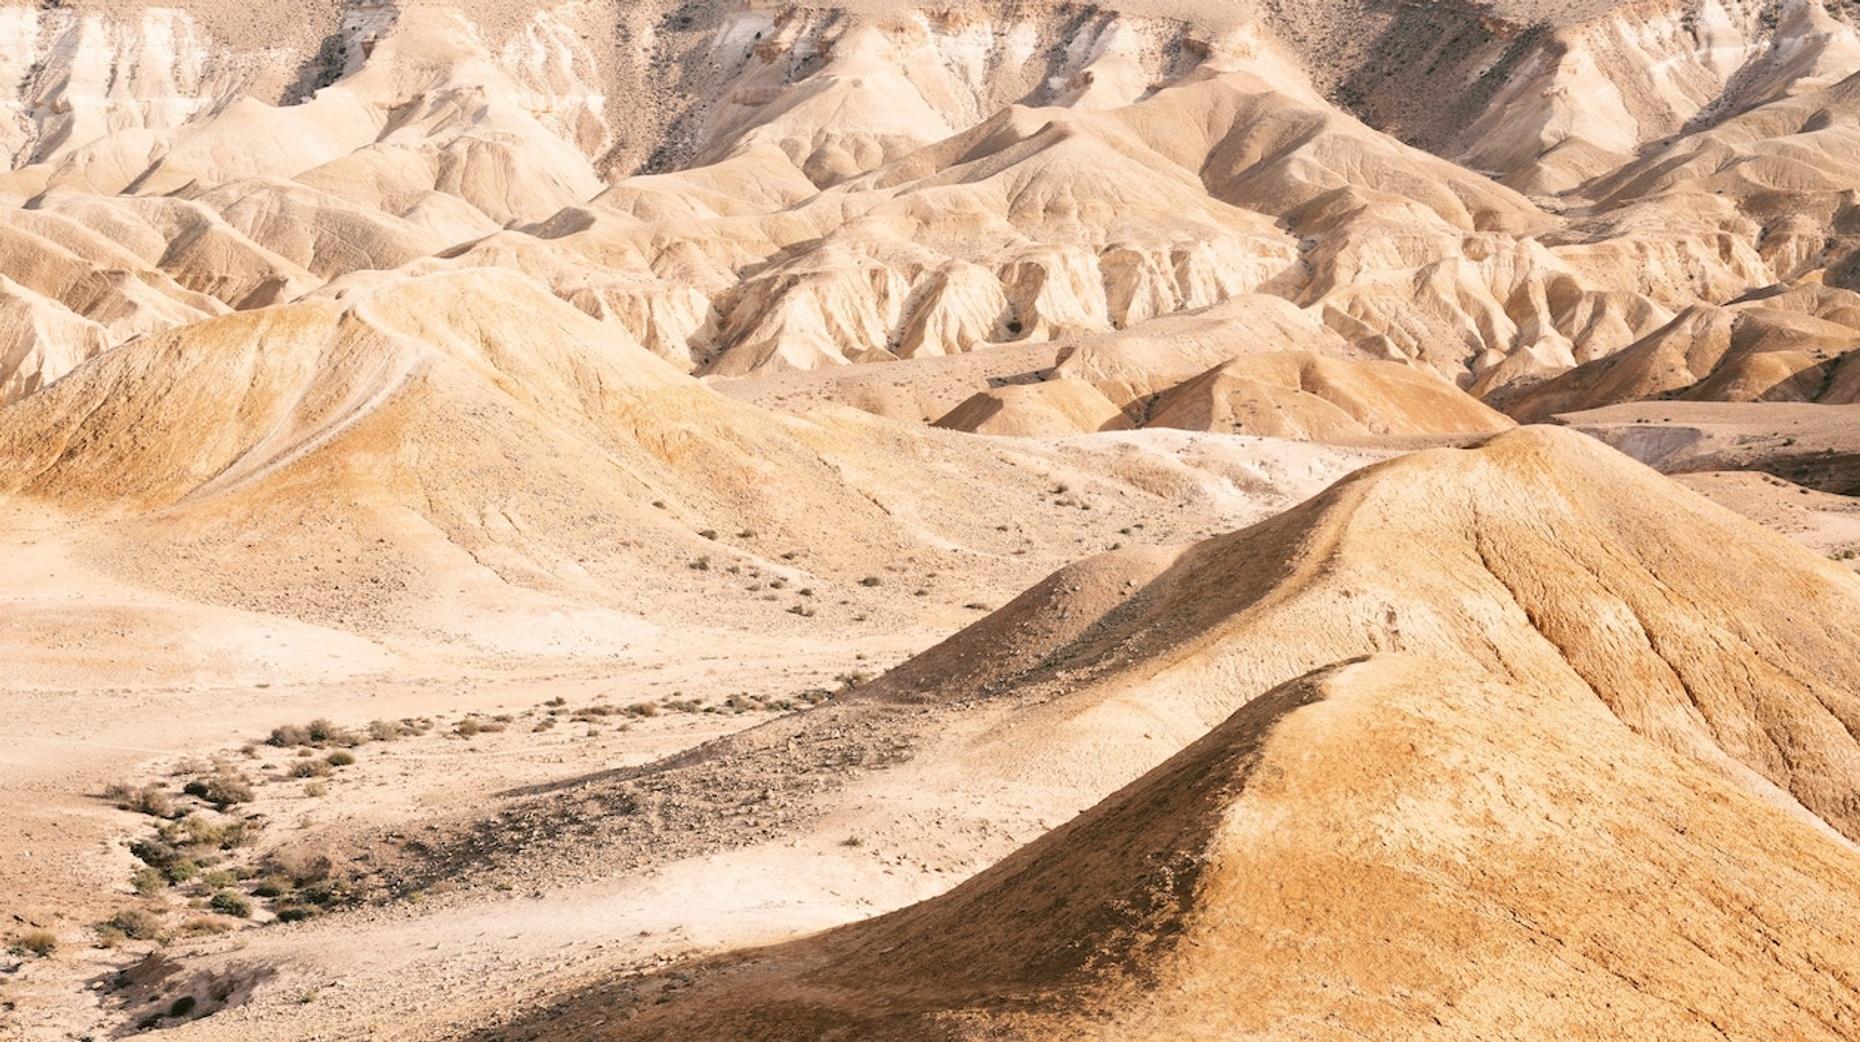 Wadi El Hitan Desert Tour From Giza